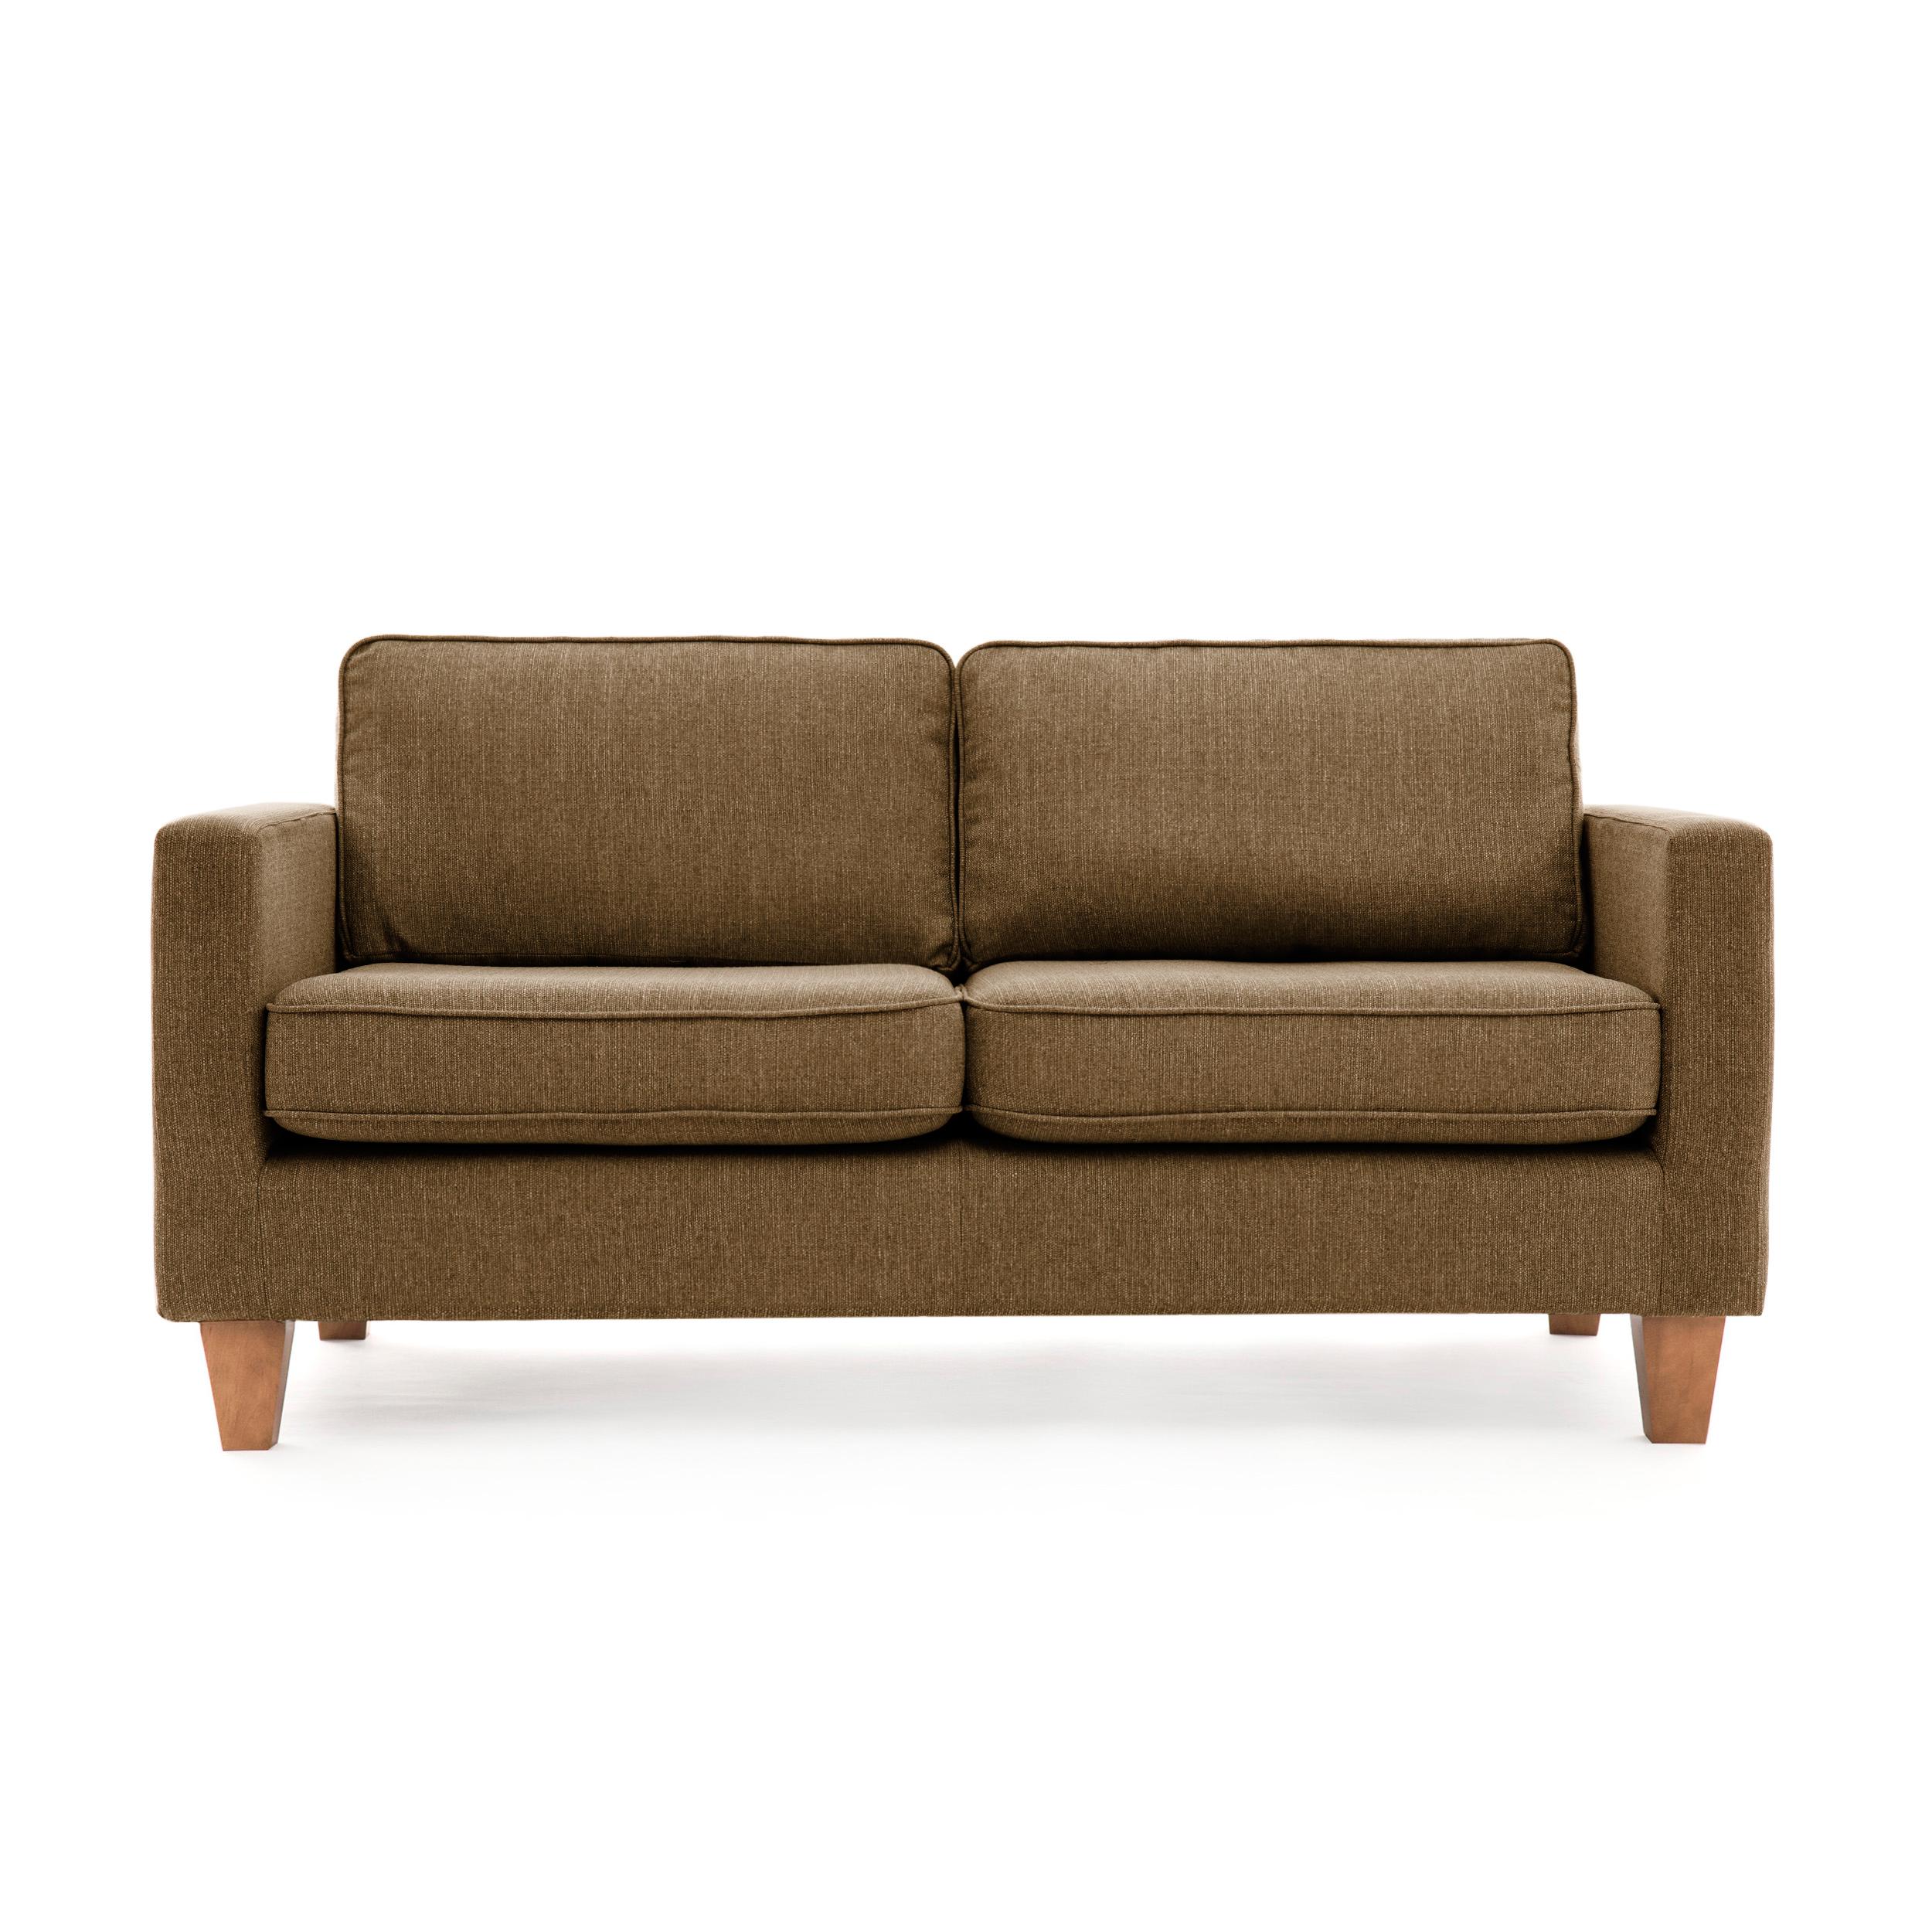 Canapea Fixa 3 locuri Sorio Light Brown